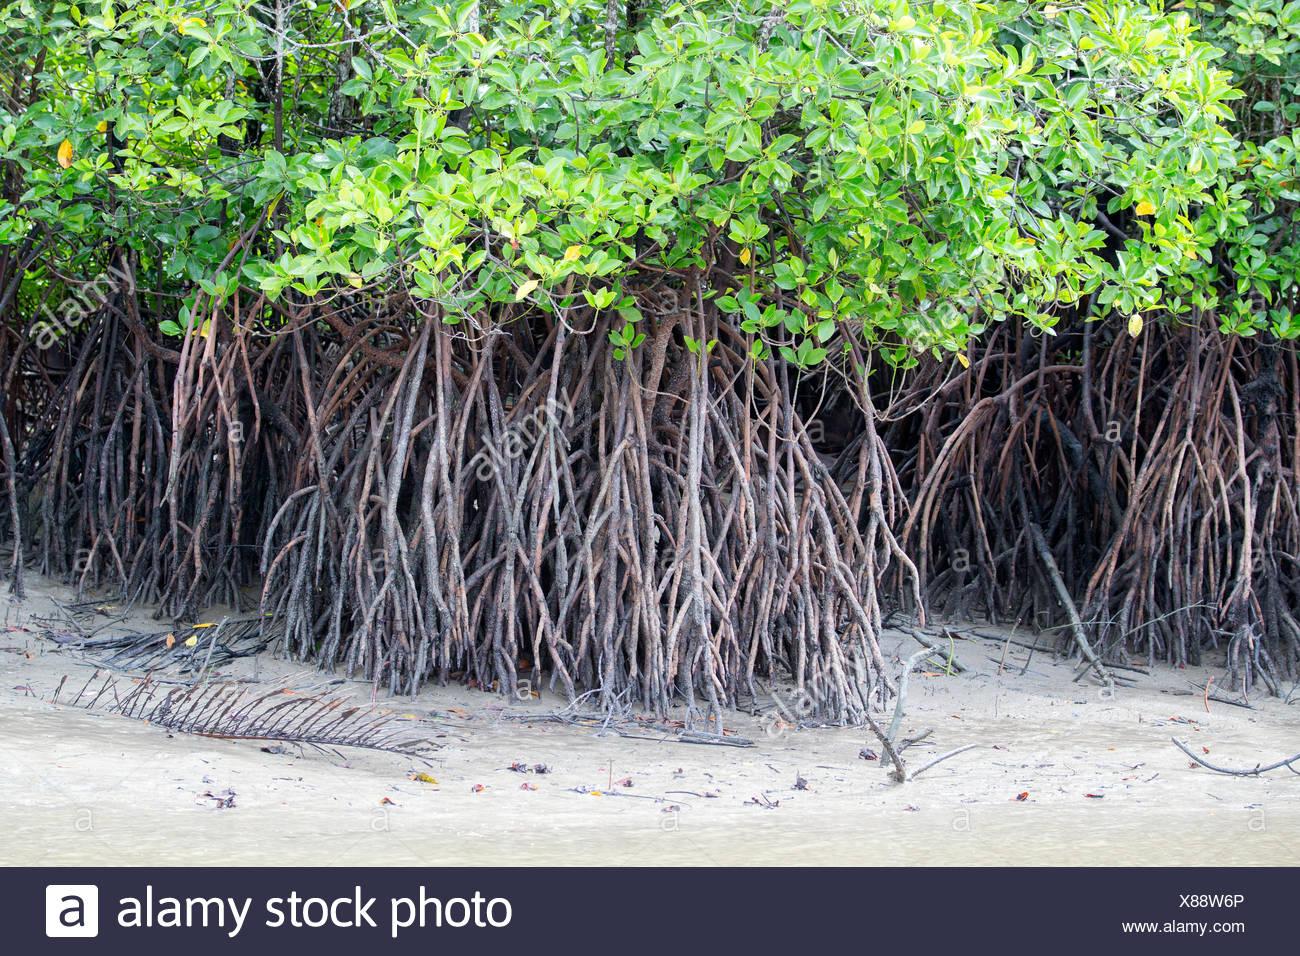 Mangroves along the Salak River - Sarawak Borneo Malaysia - Stock Image